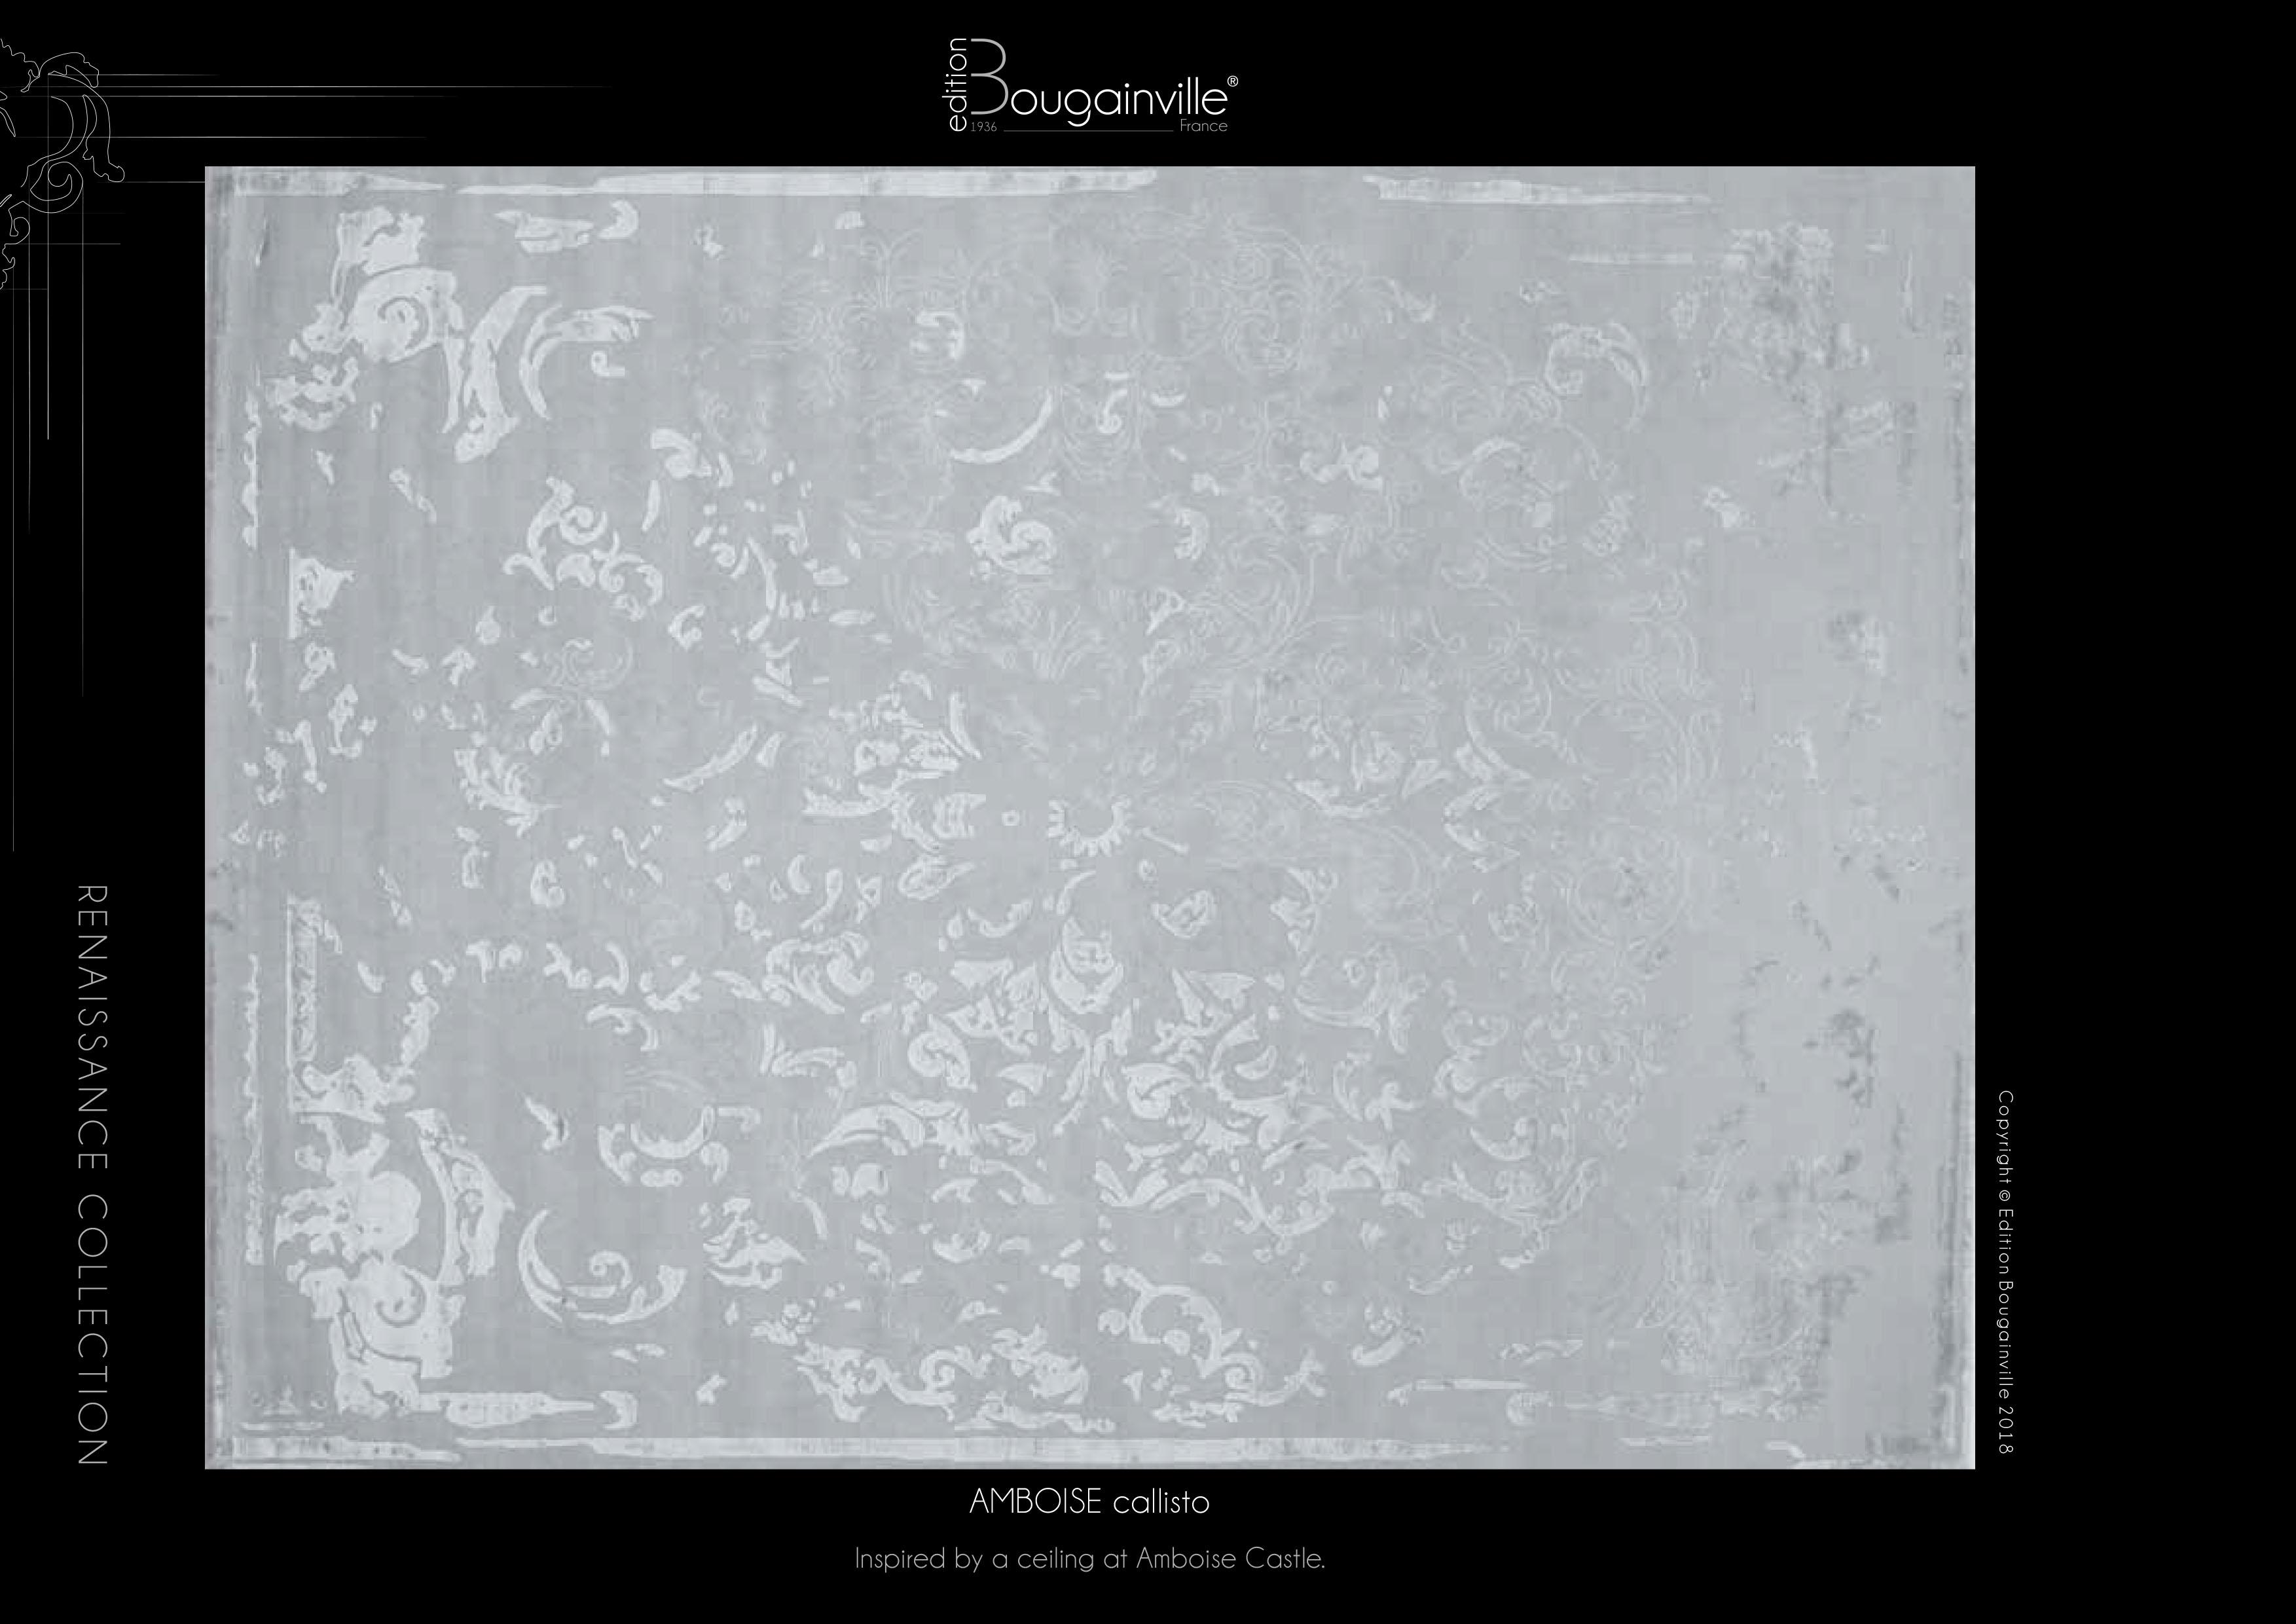 Ковер Edition Bougainville, AMBOISE callisto